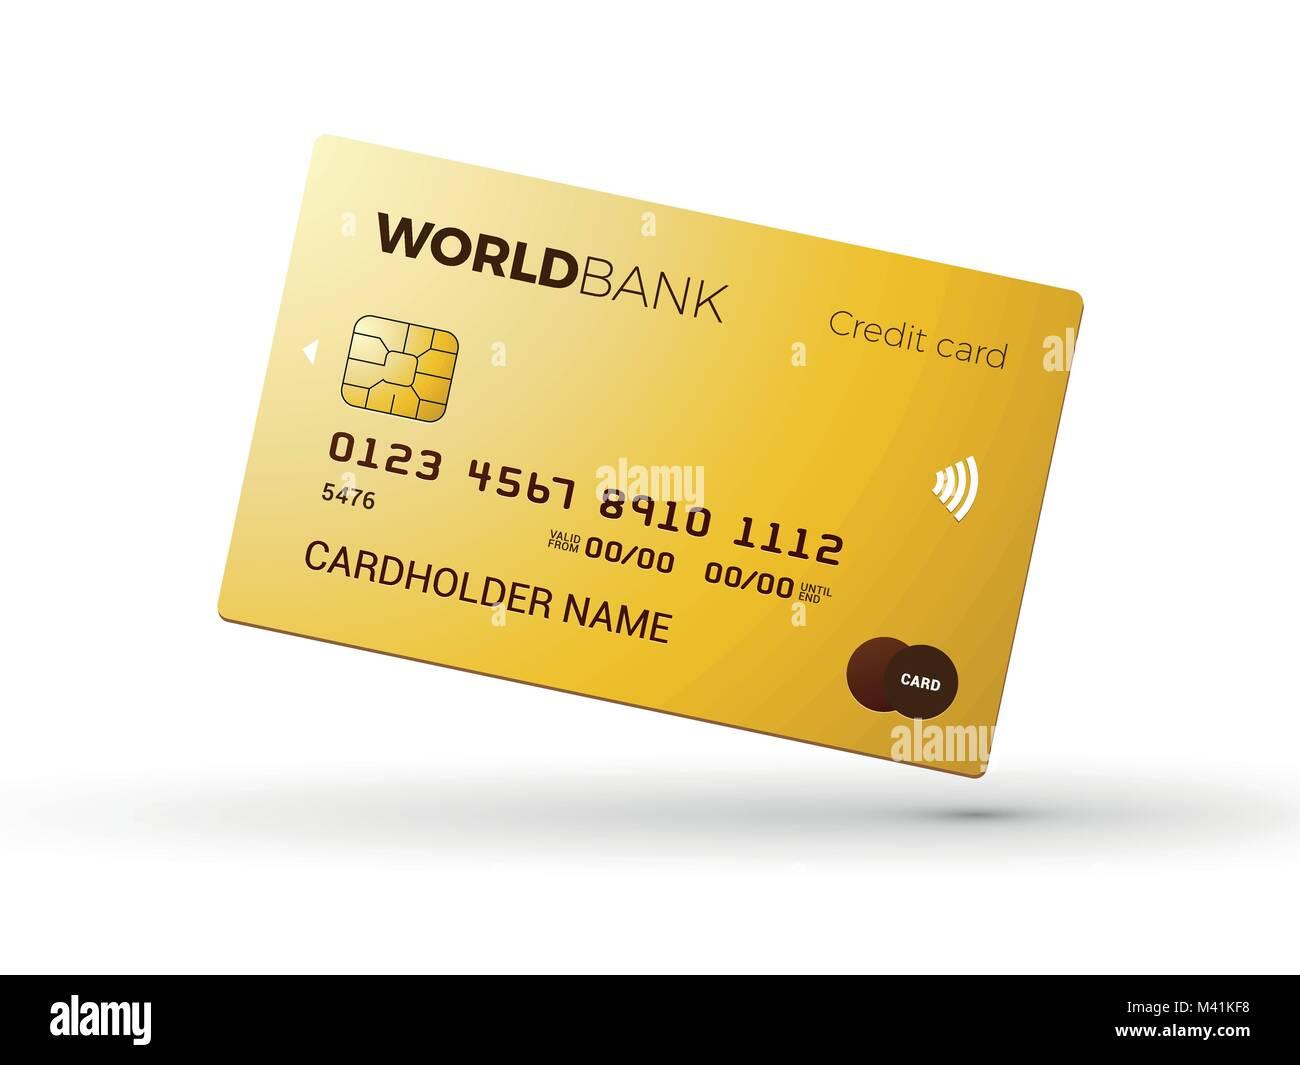 Credit Card Template Design Gold Card Stockfotos & Credit Card ...